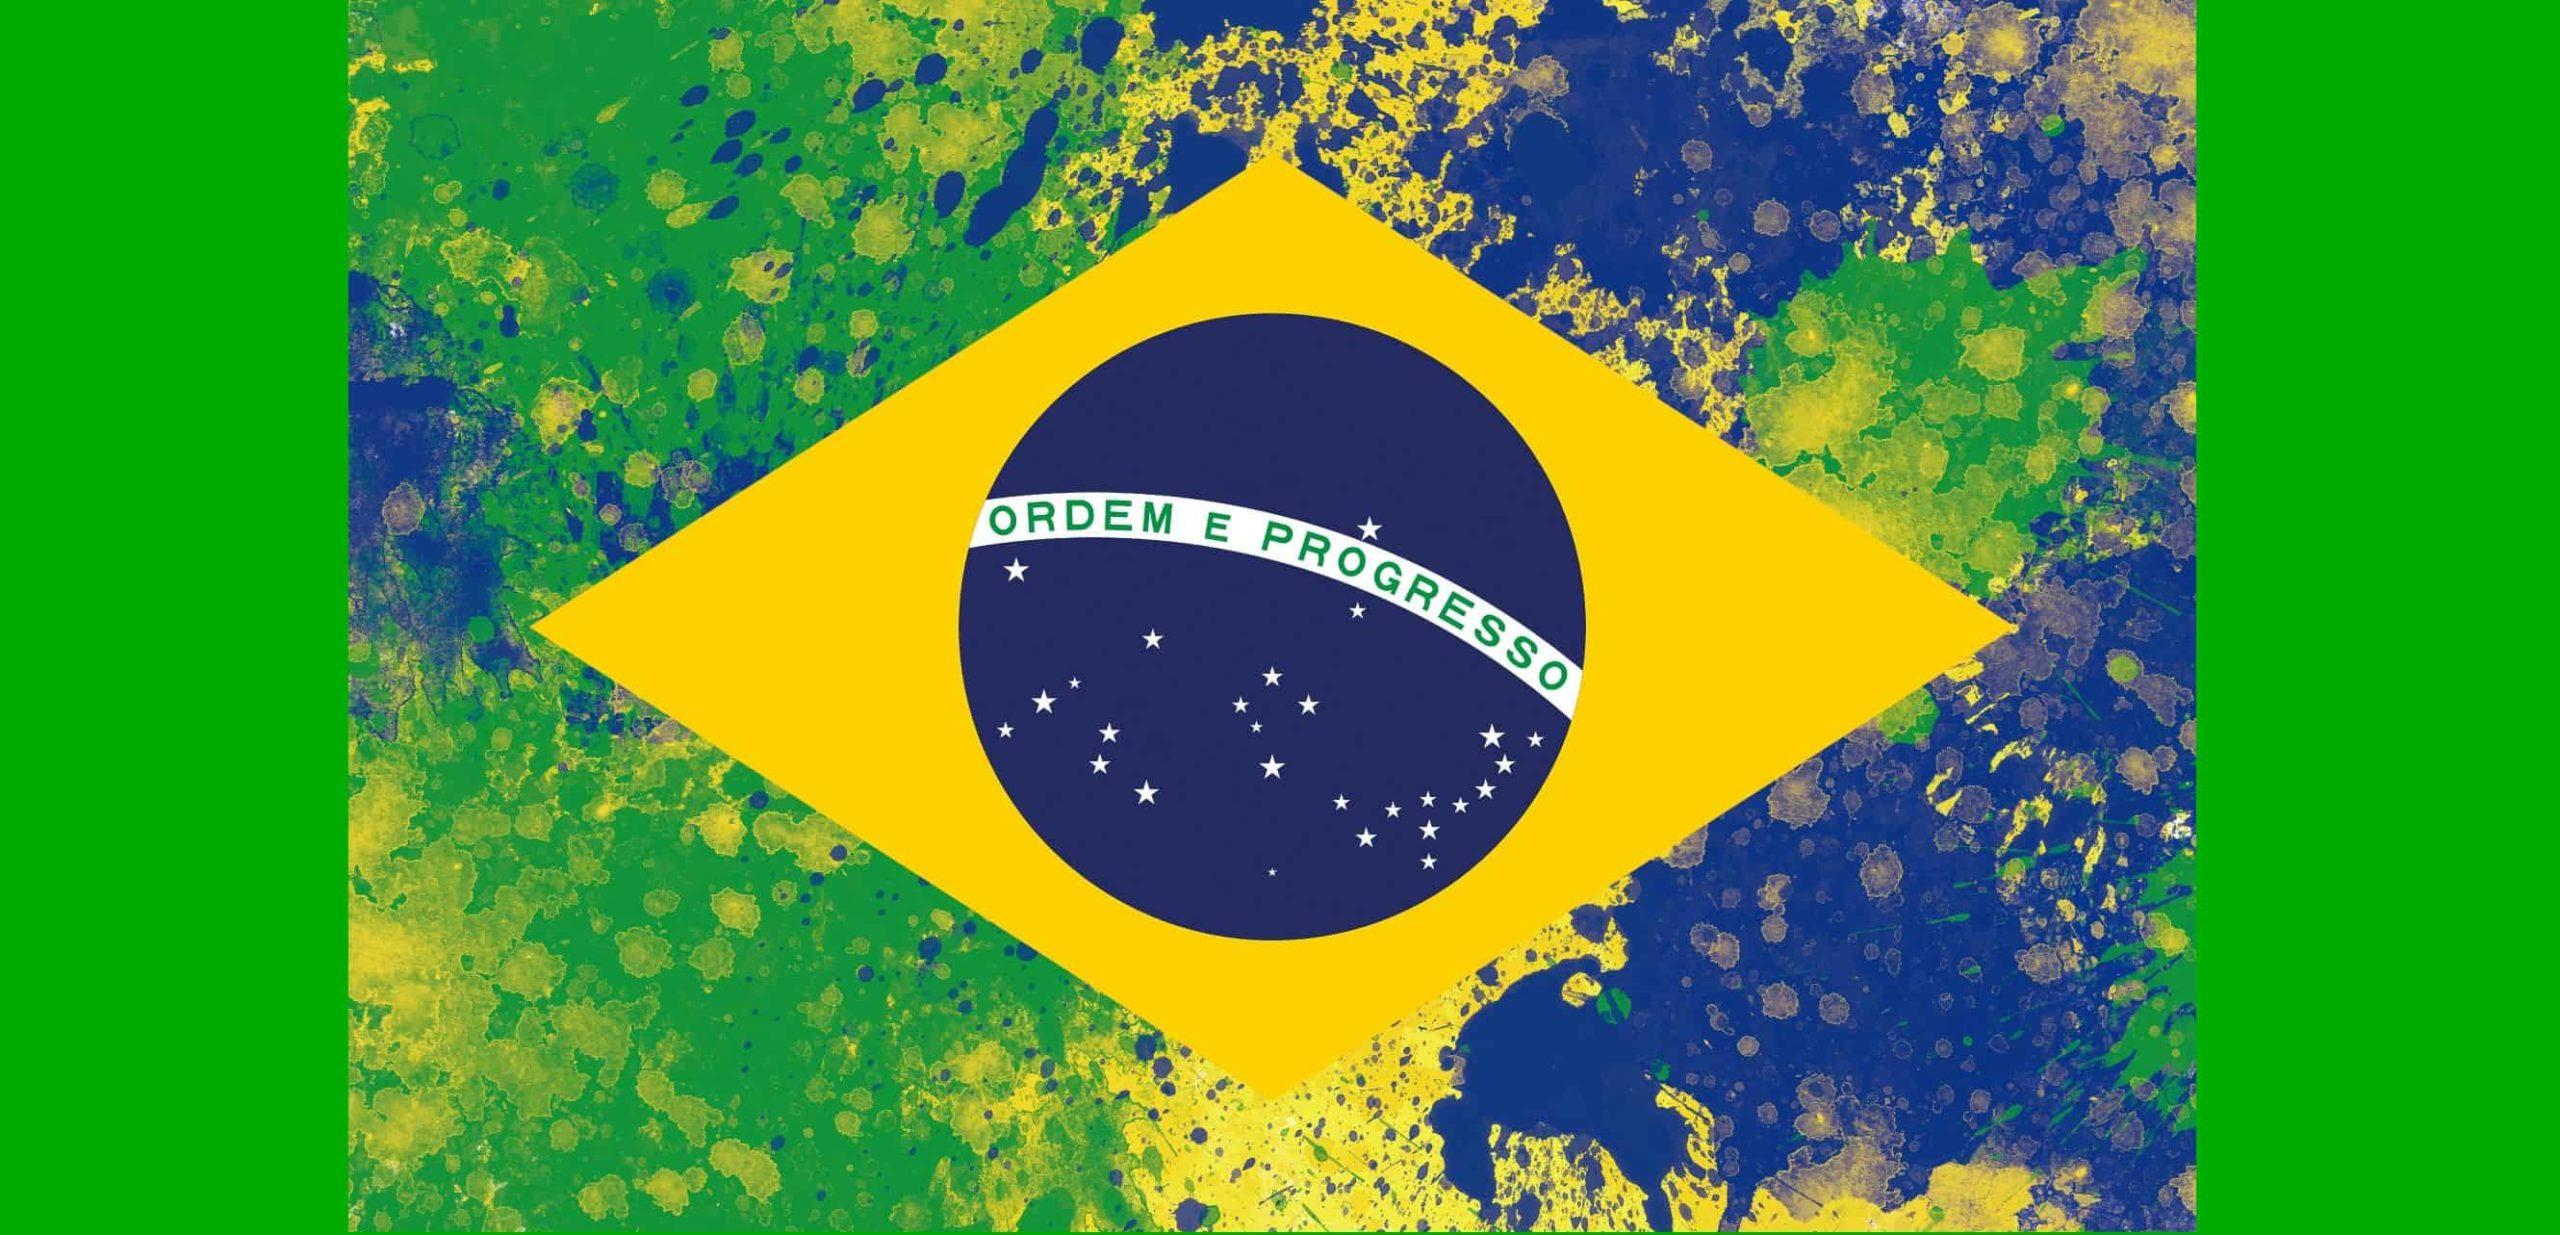 ブラジル国旗のイメージ